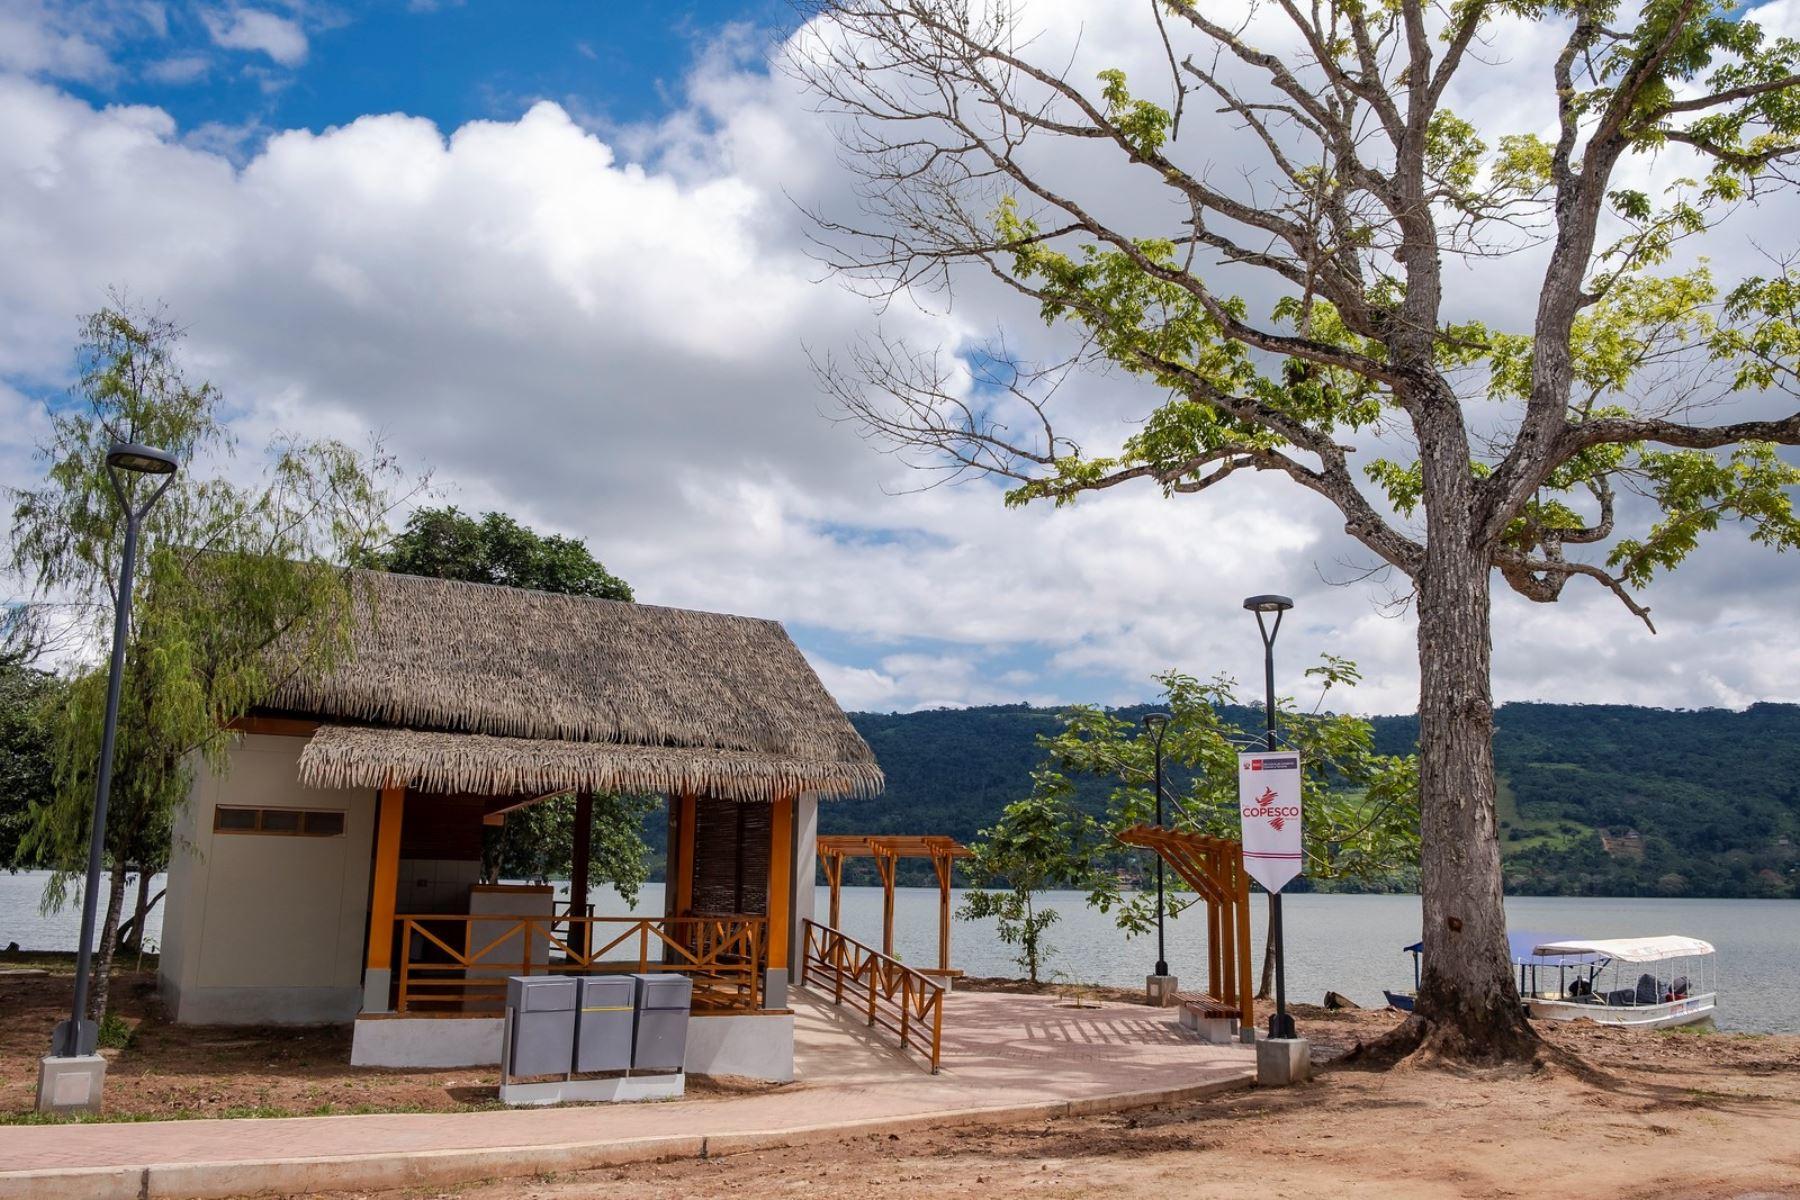 Plan Copesco inauguró una obra de infraestructura turística cerca de la famosa laguna Sauce, uno de los destinos más importantes de la región San Martín. Foto: ANDINA/Difusión.